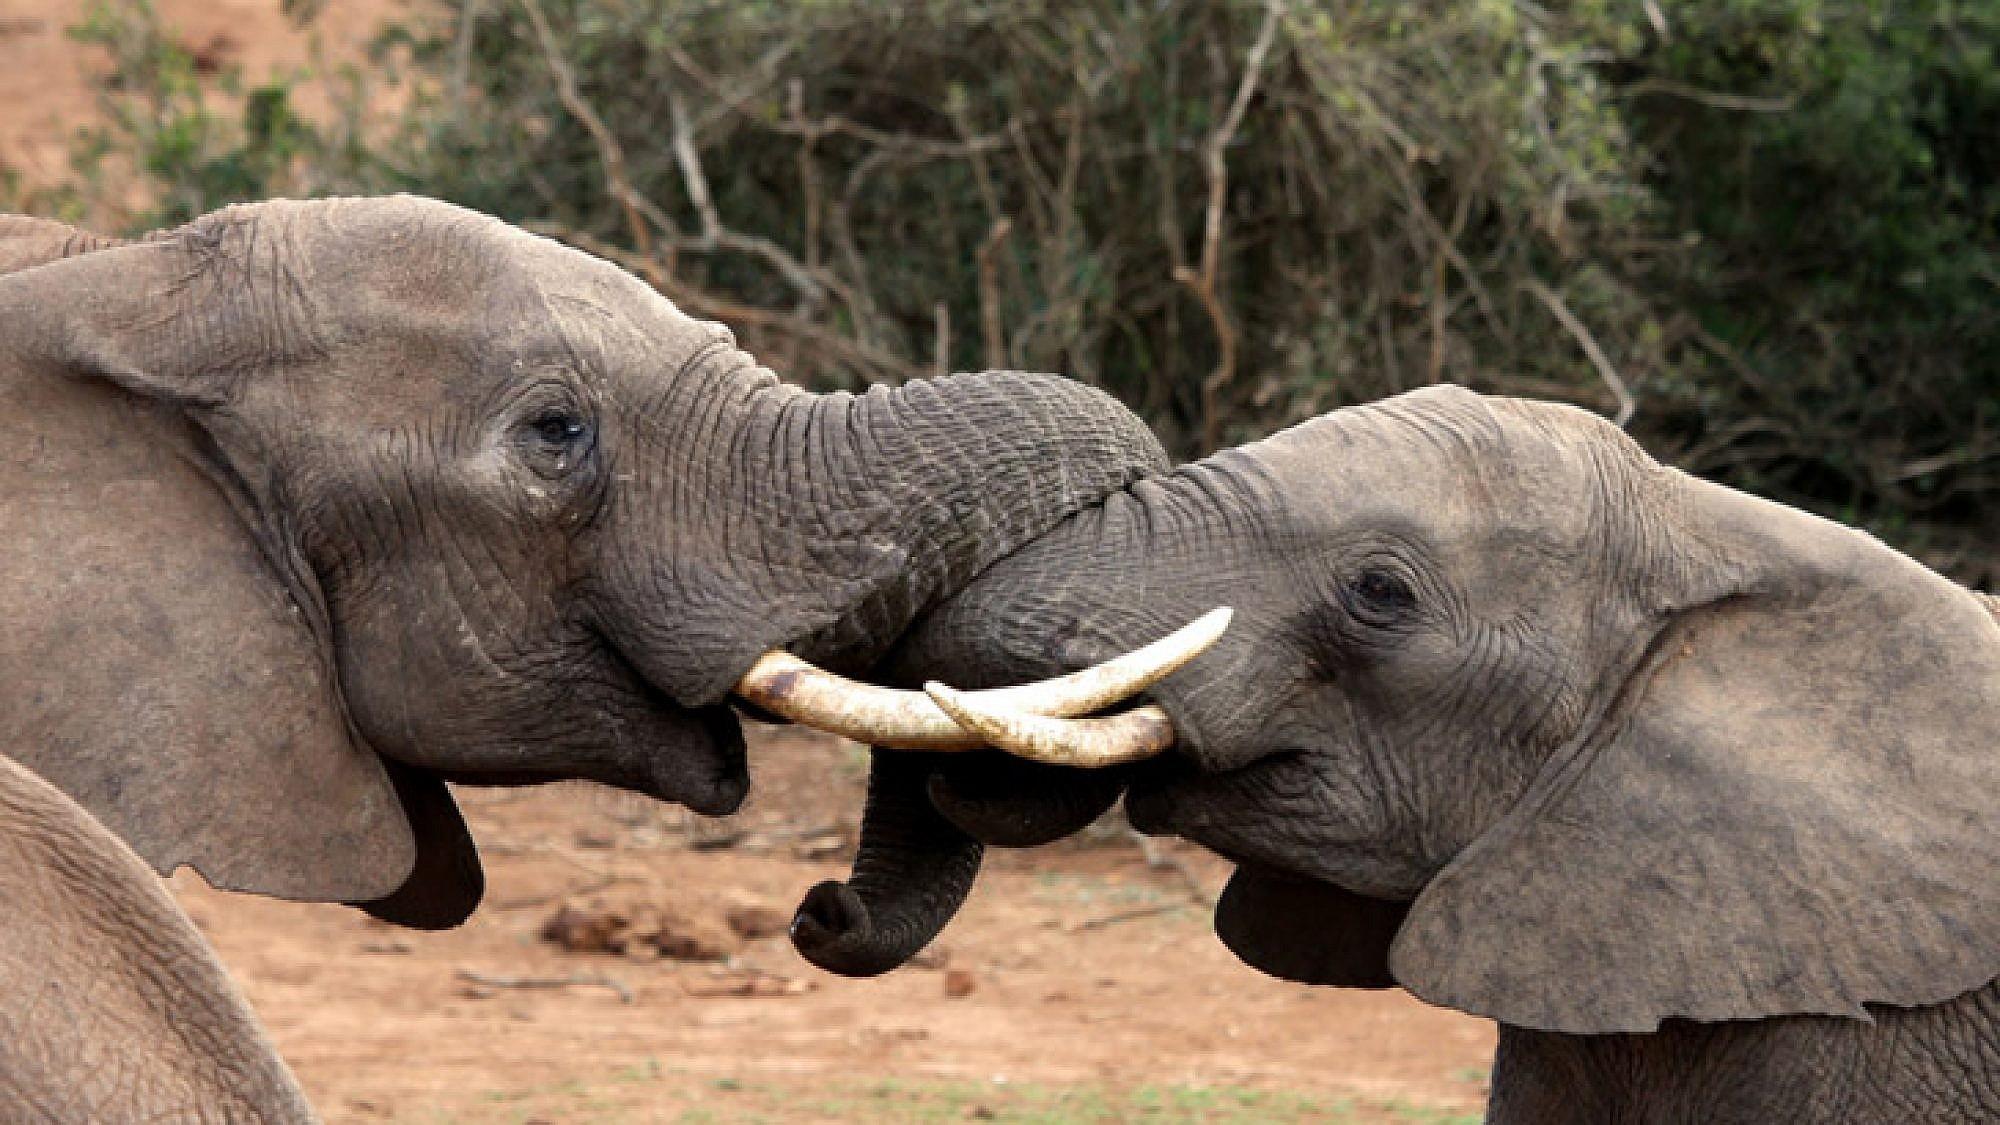 הפילים חיים בשמורה יחד עם חיפושיות זבל שניזונות מגלליהם | צלם: א.ס.א.פ קריאייטיב | Anke van Wyk, shutterstock